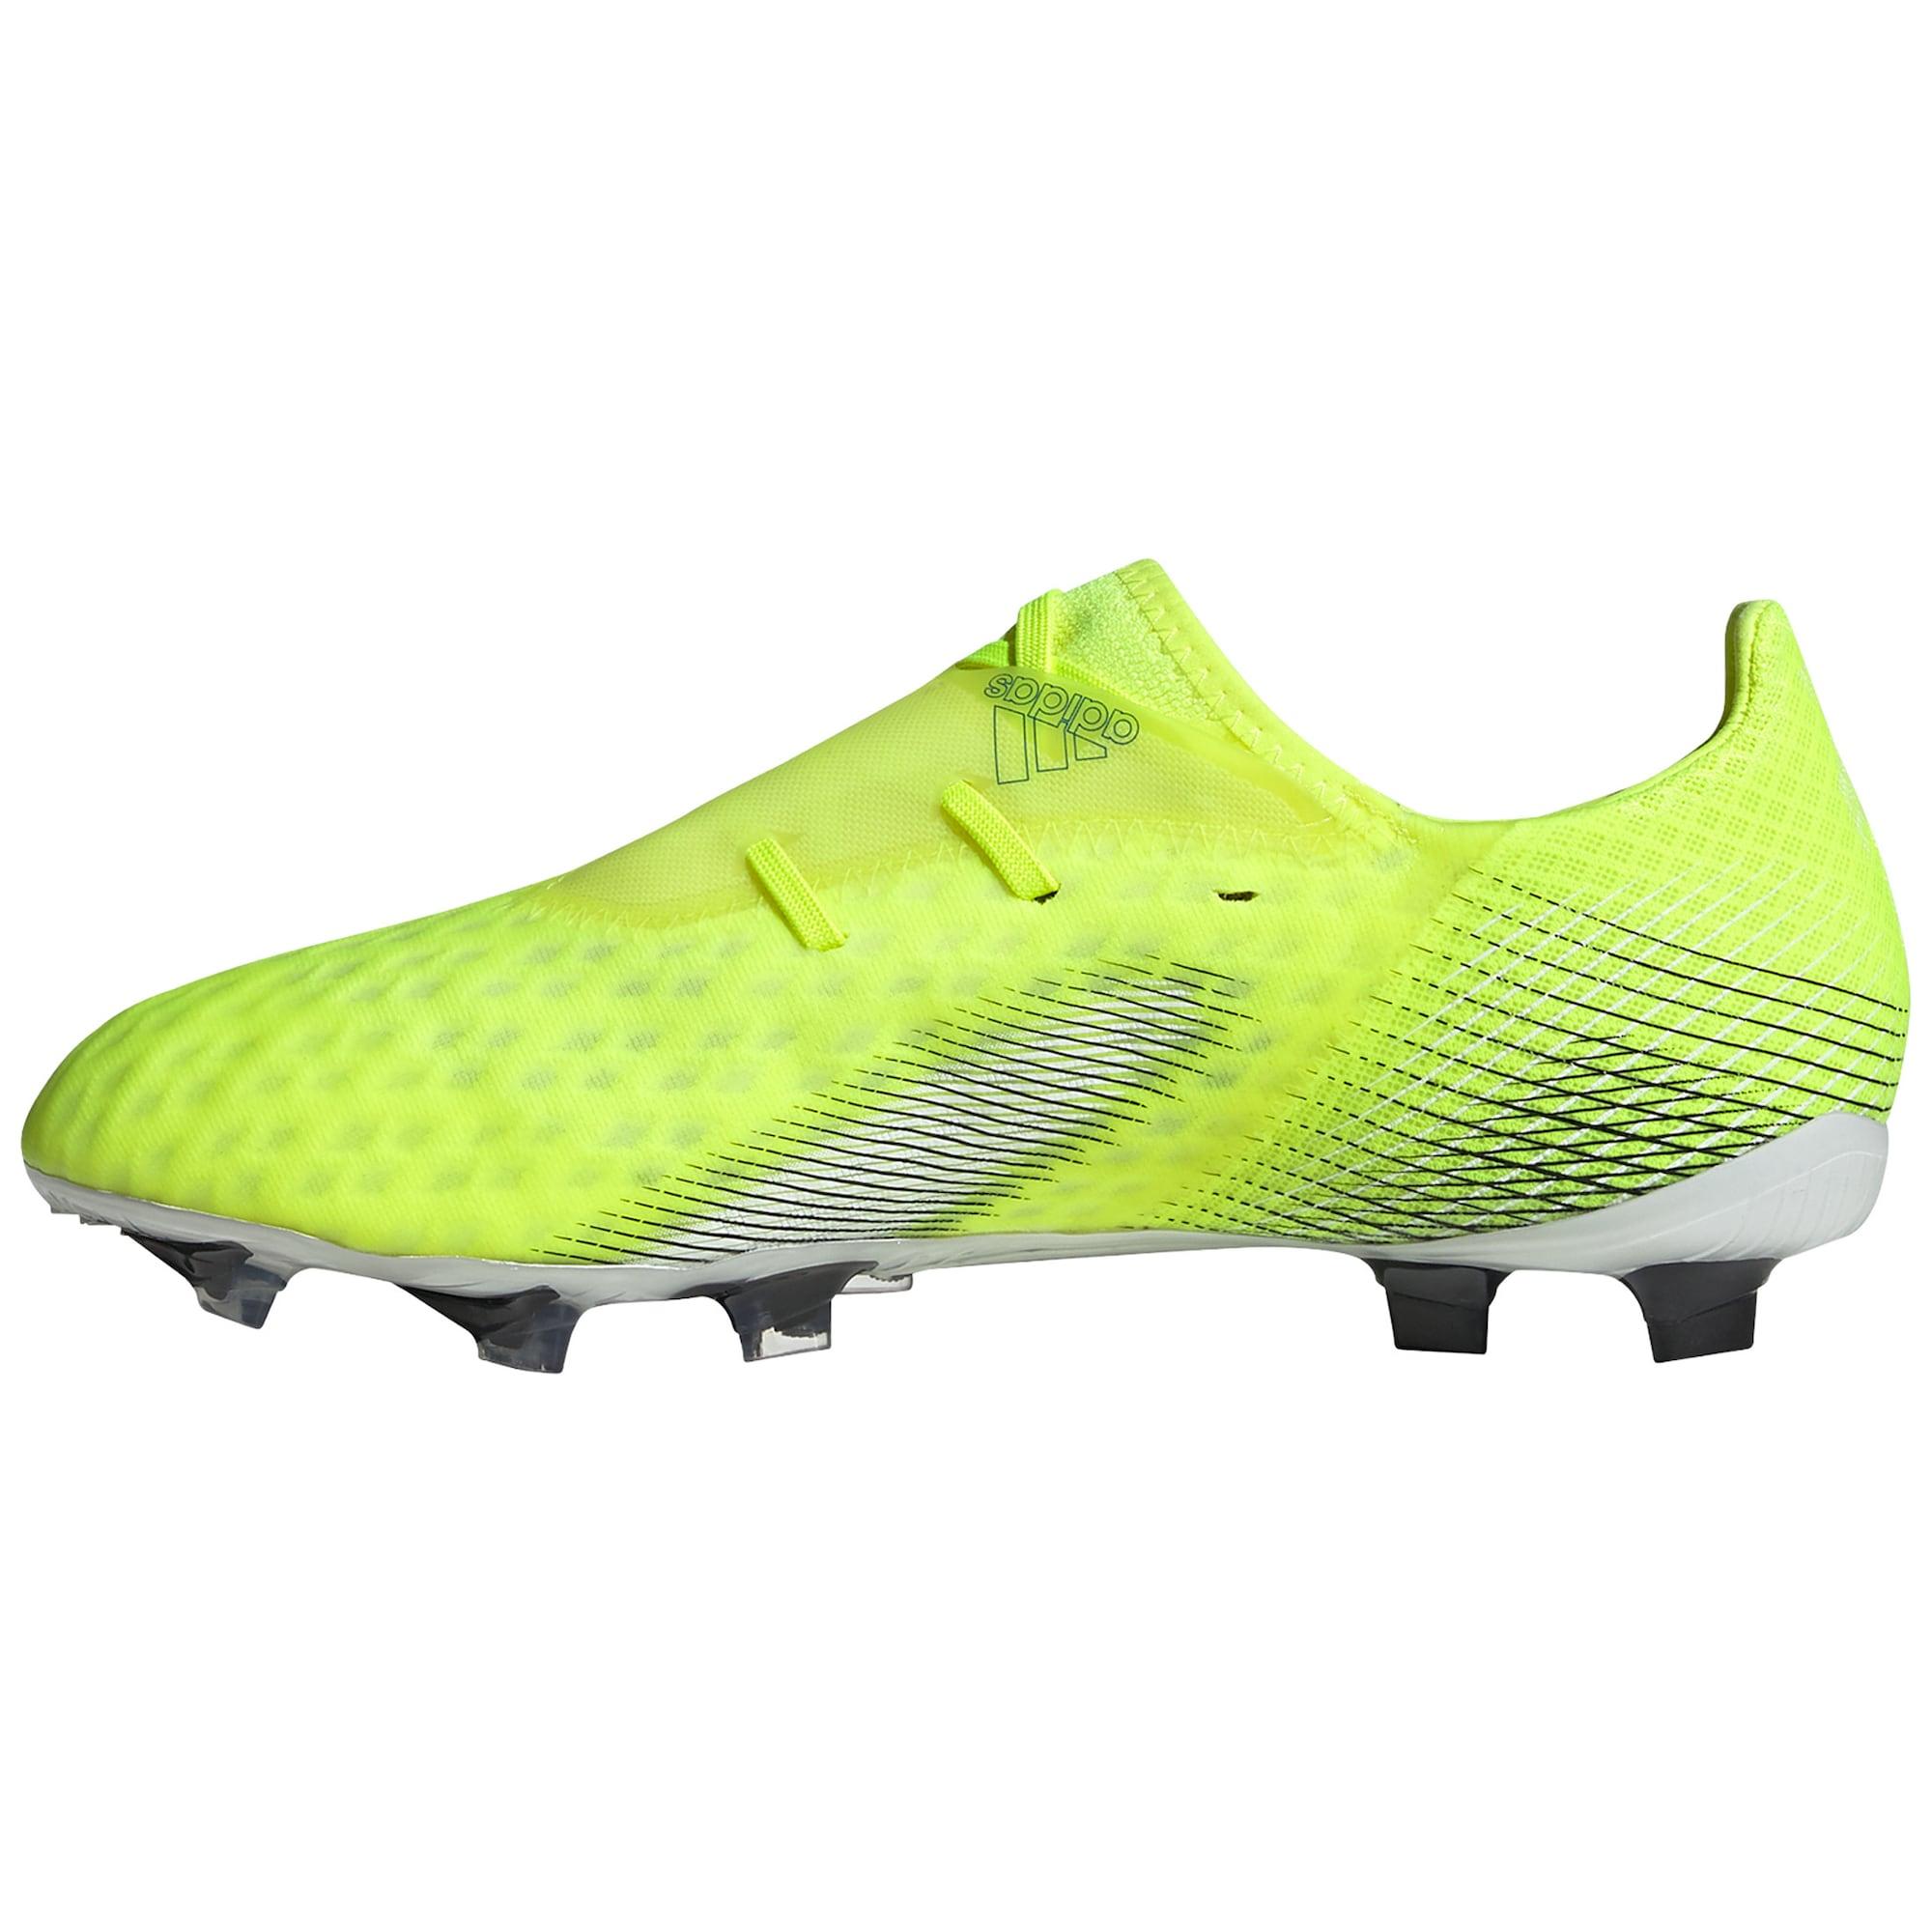 ADIDAS PERFORMANCE Futbolo bateliai neoninė geltona / juoda